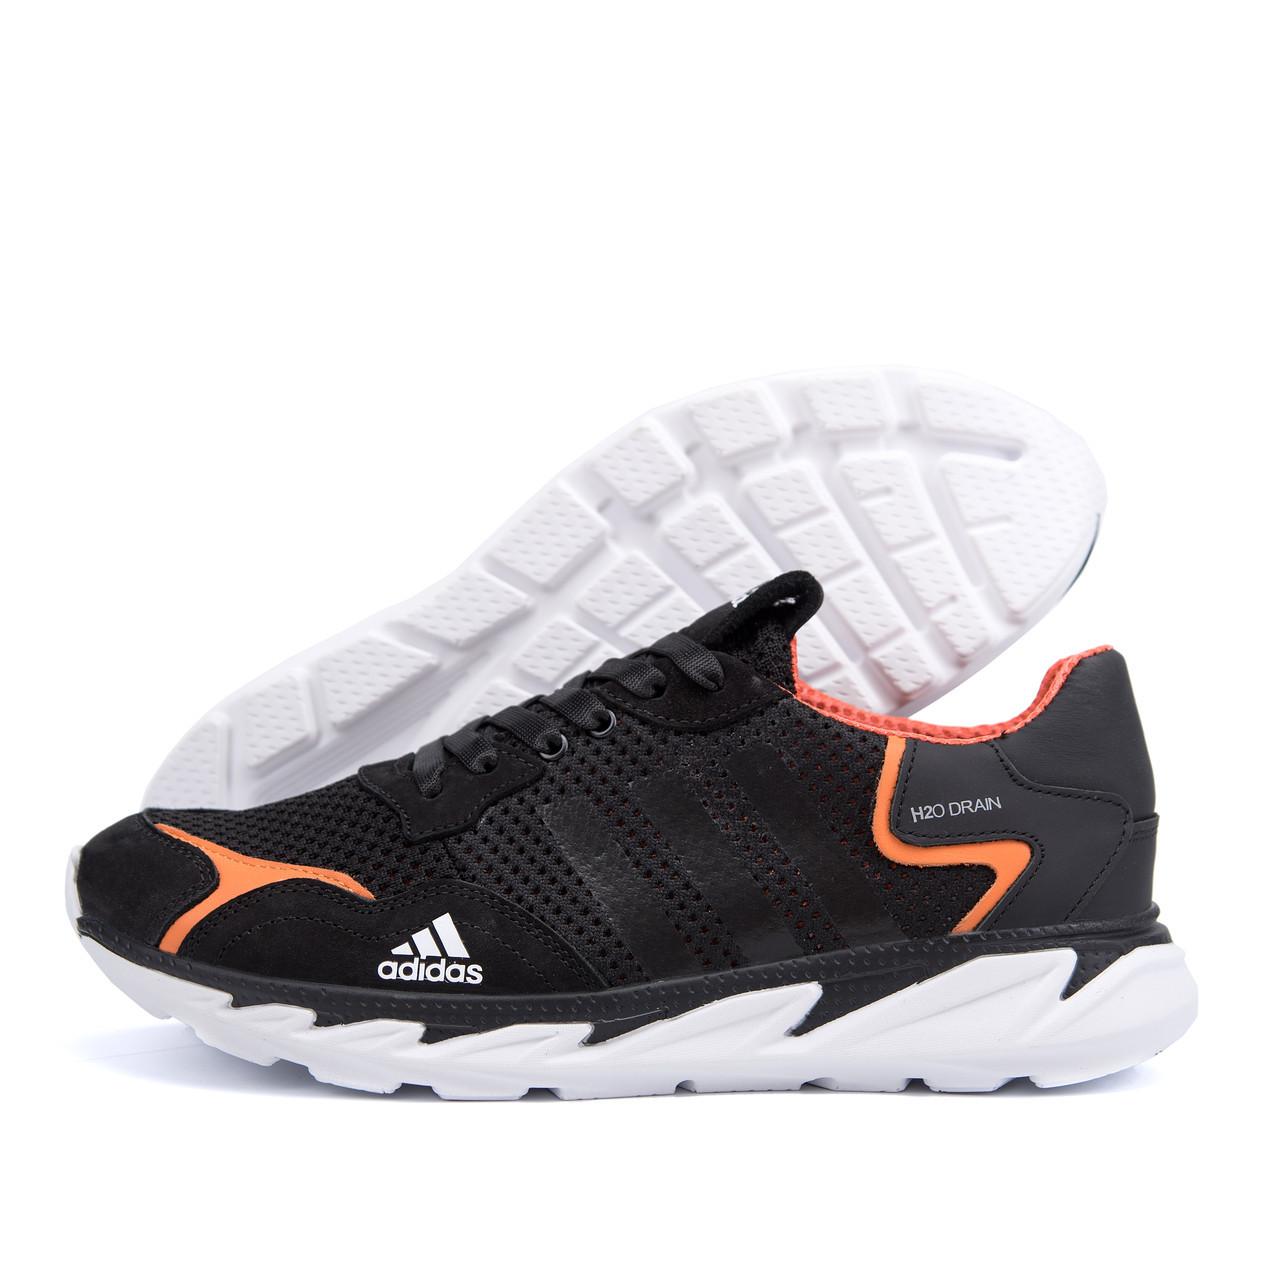 Мужские летние кроссовки сетка Adidas Terrex черные